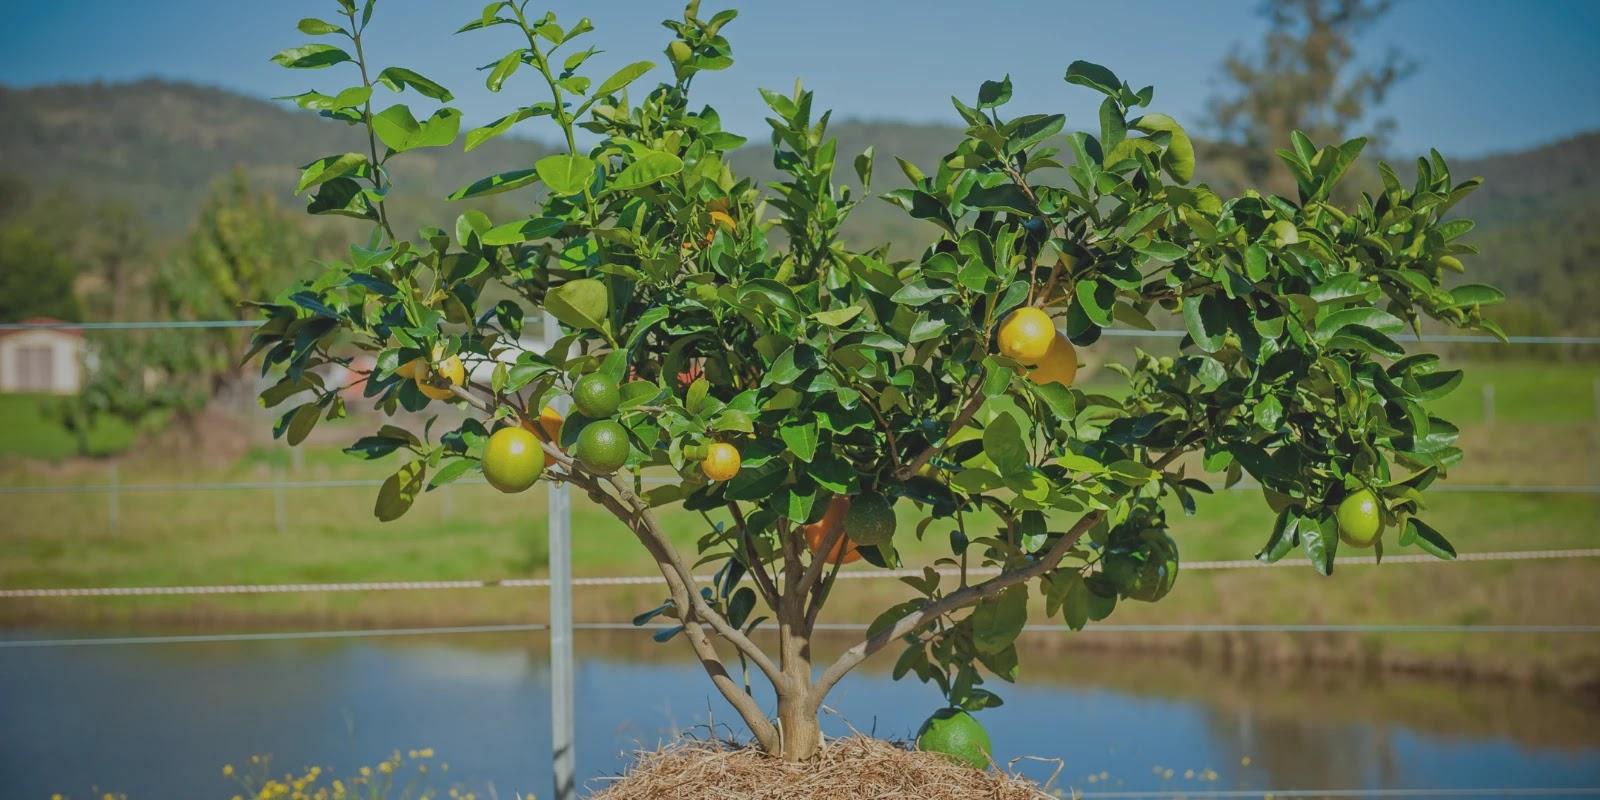 एक अनोखा पेड़ जिसमें लगते हैं 8 तरह के फल जाने कुछ मजेदार रोचक बातें। MrX History